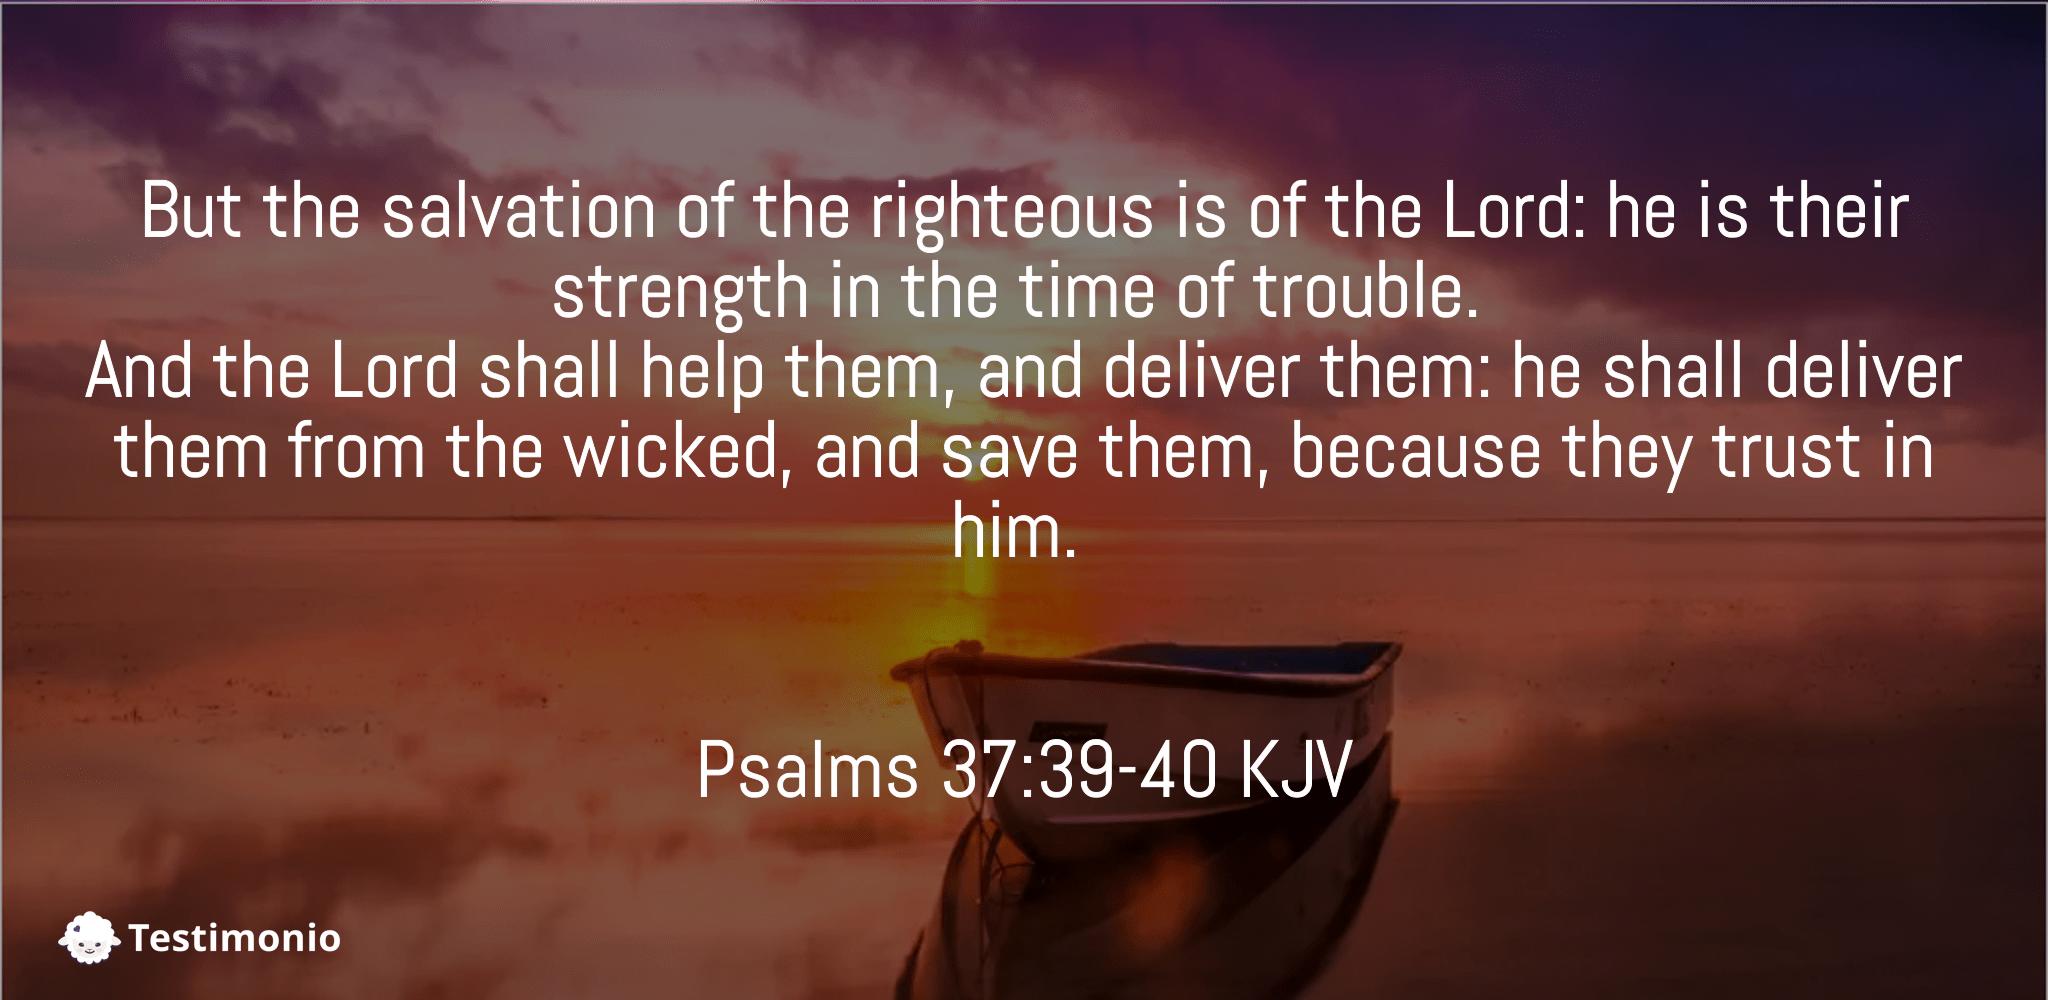 Psalms 37:39-40